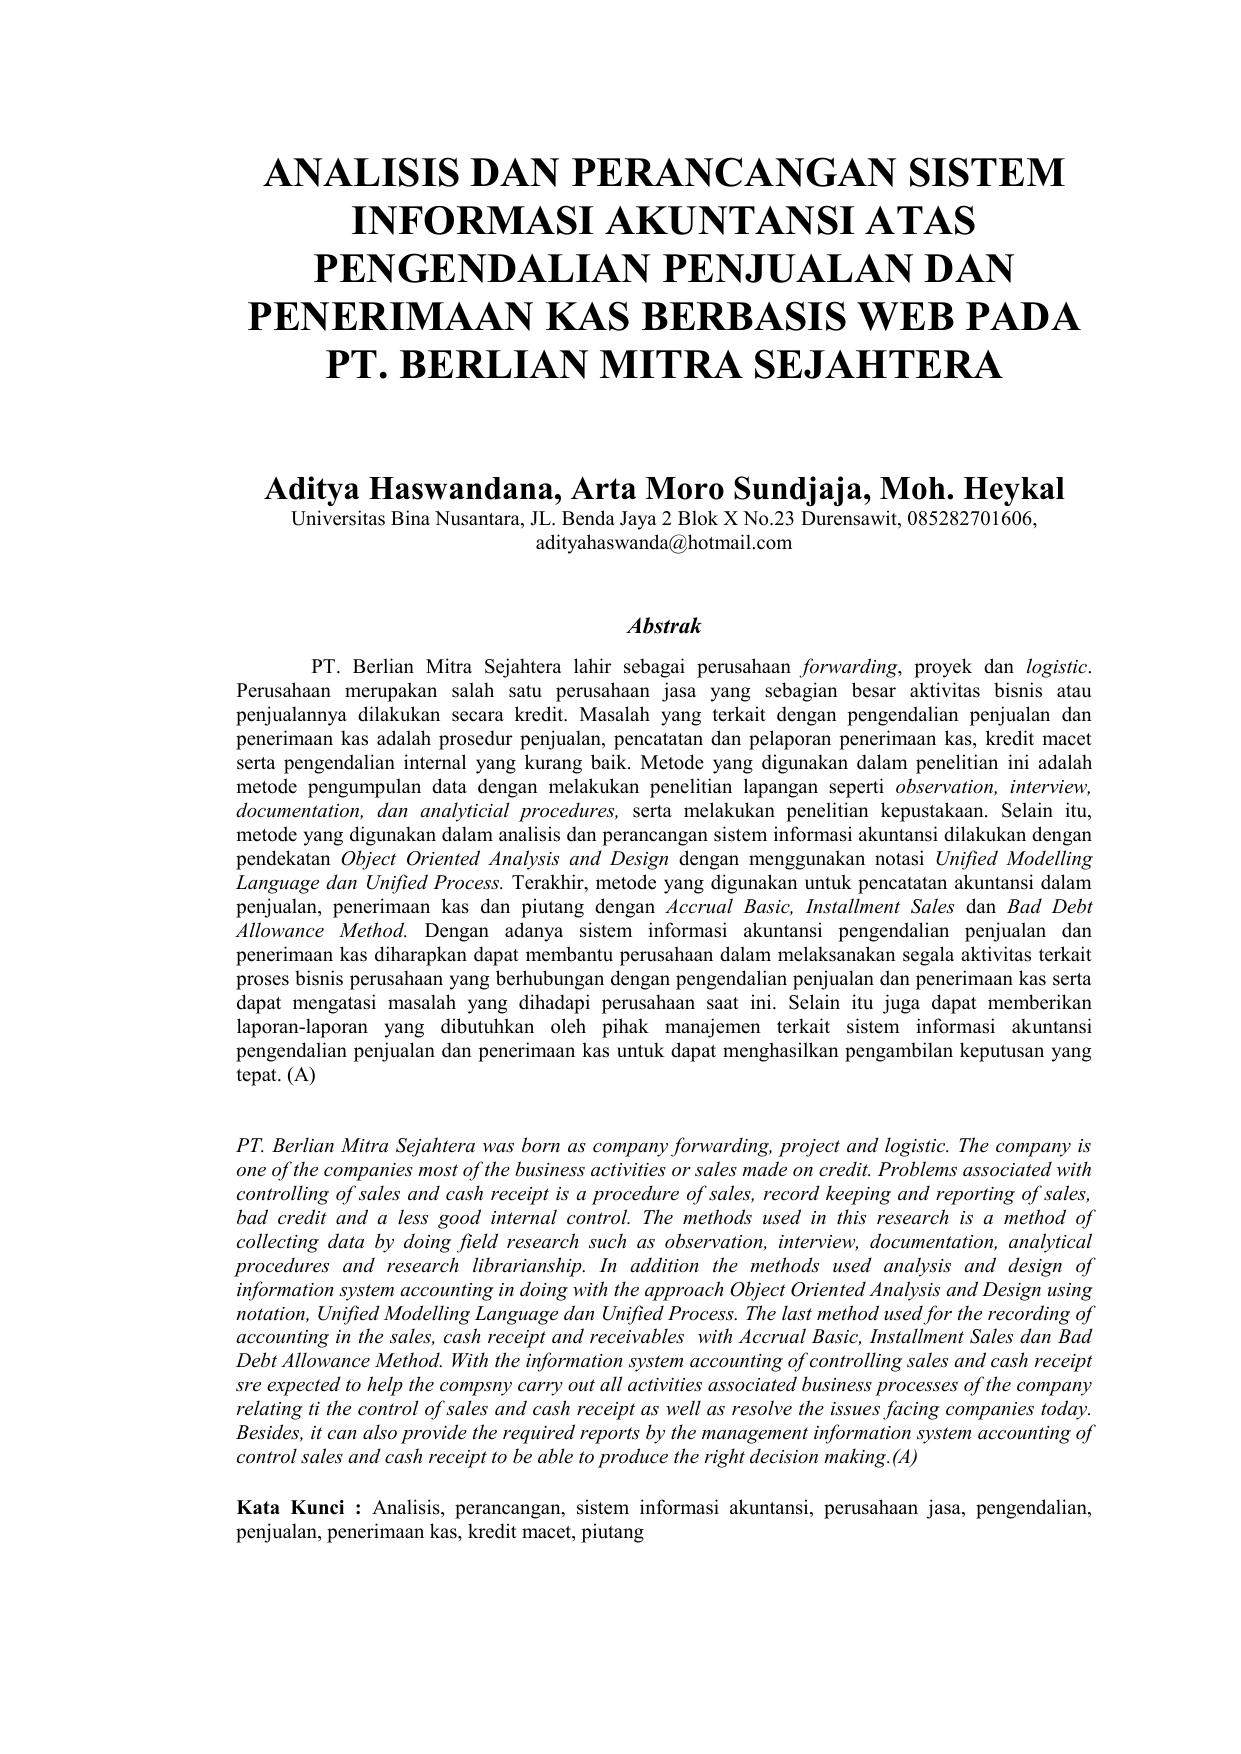 Analisis Dan Perancangan Sistem Informasi Akuntansi